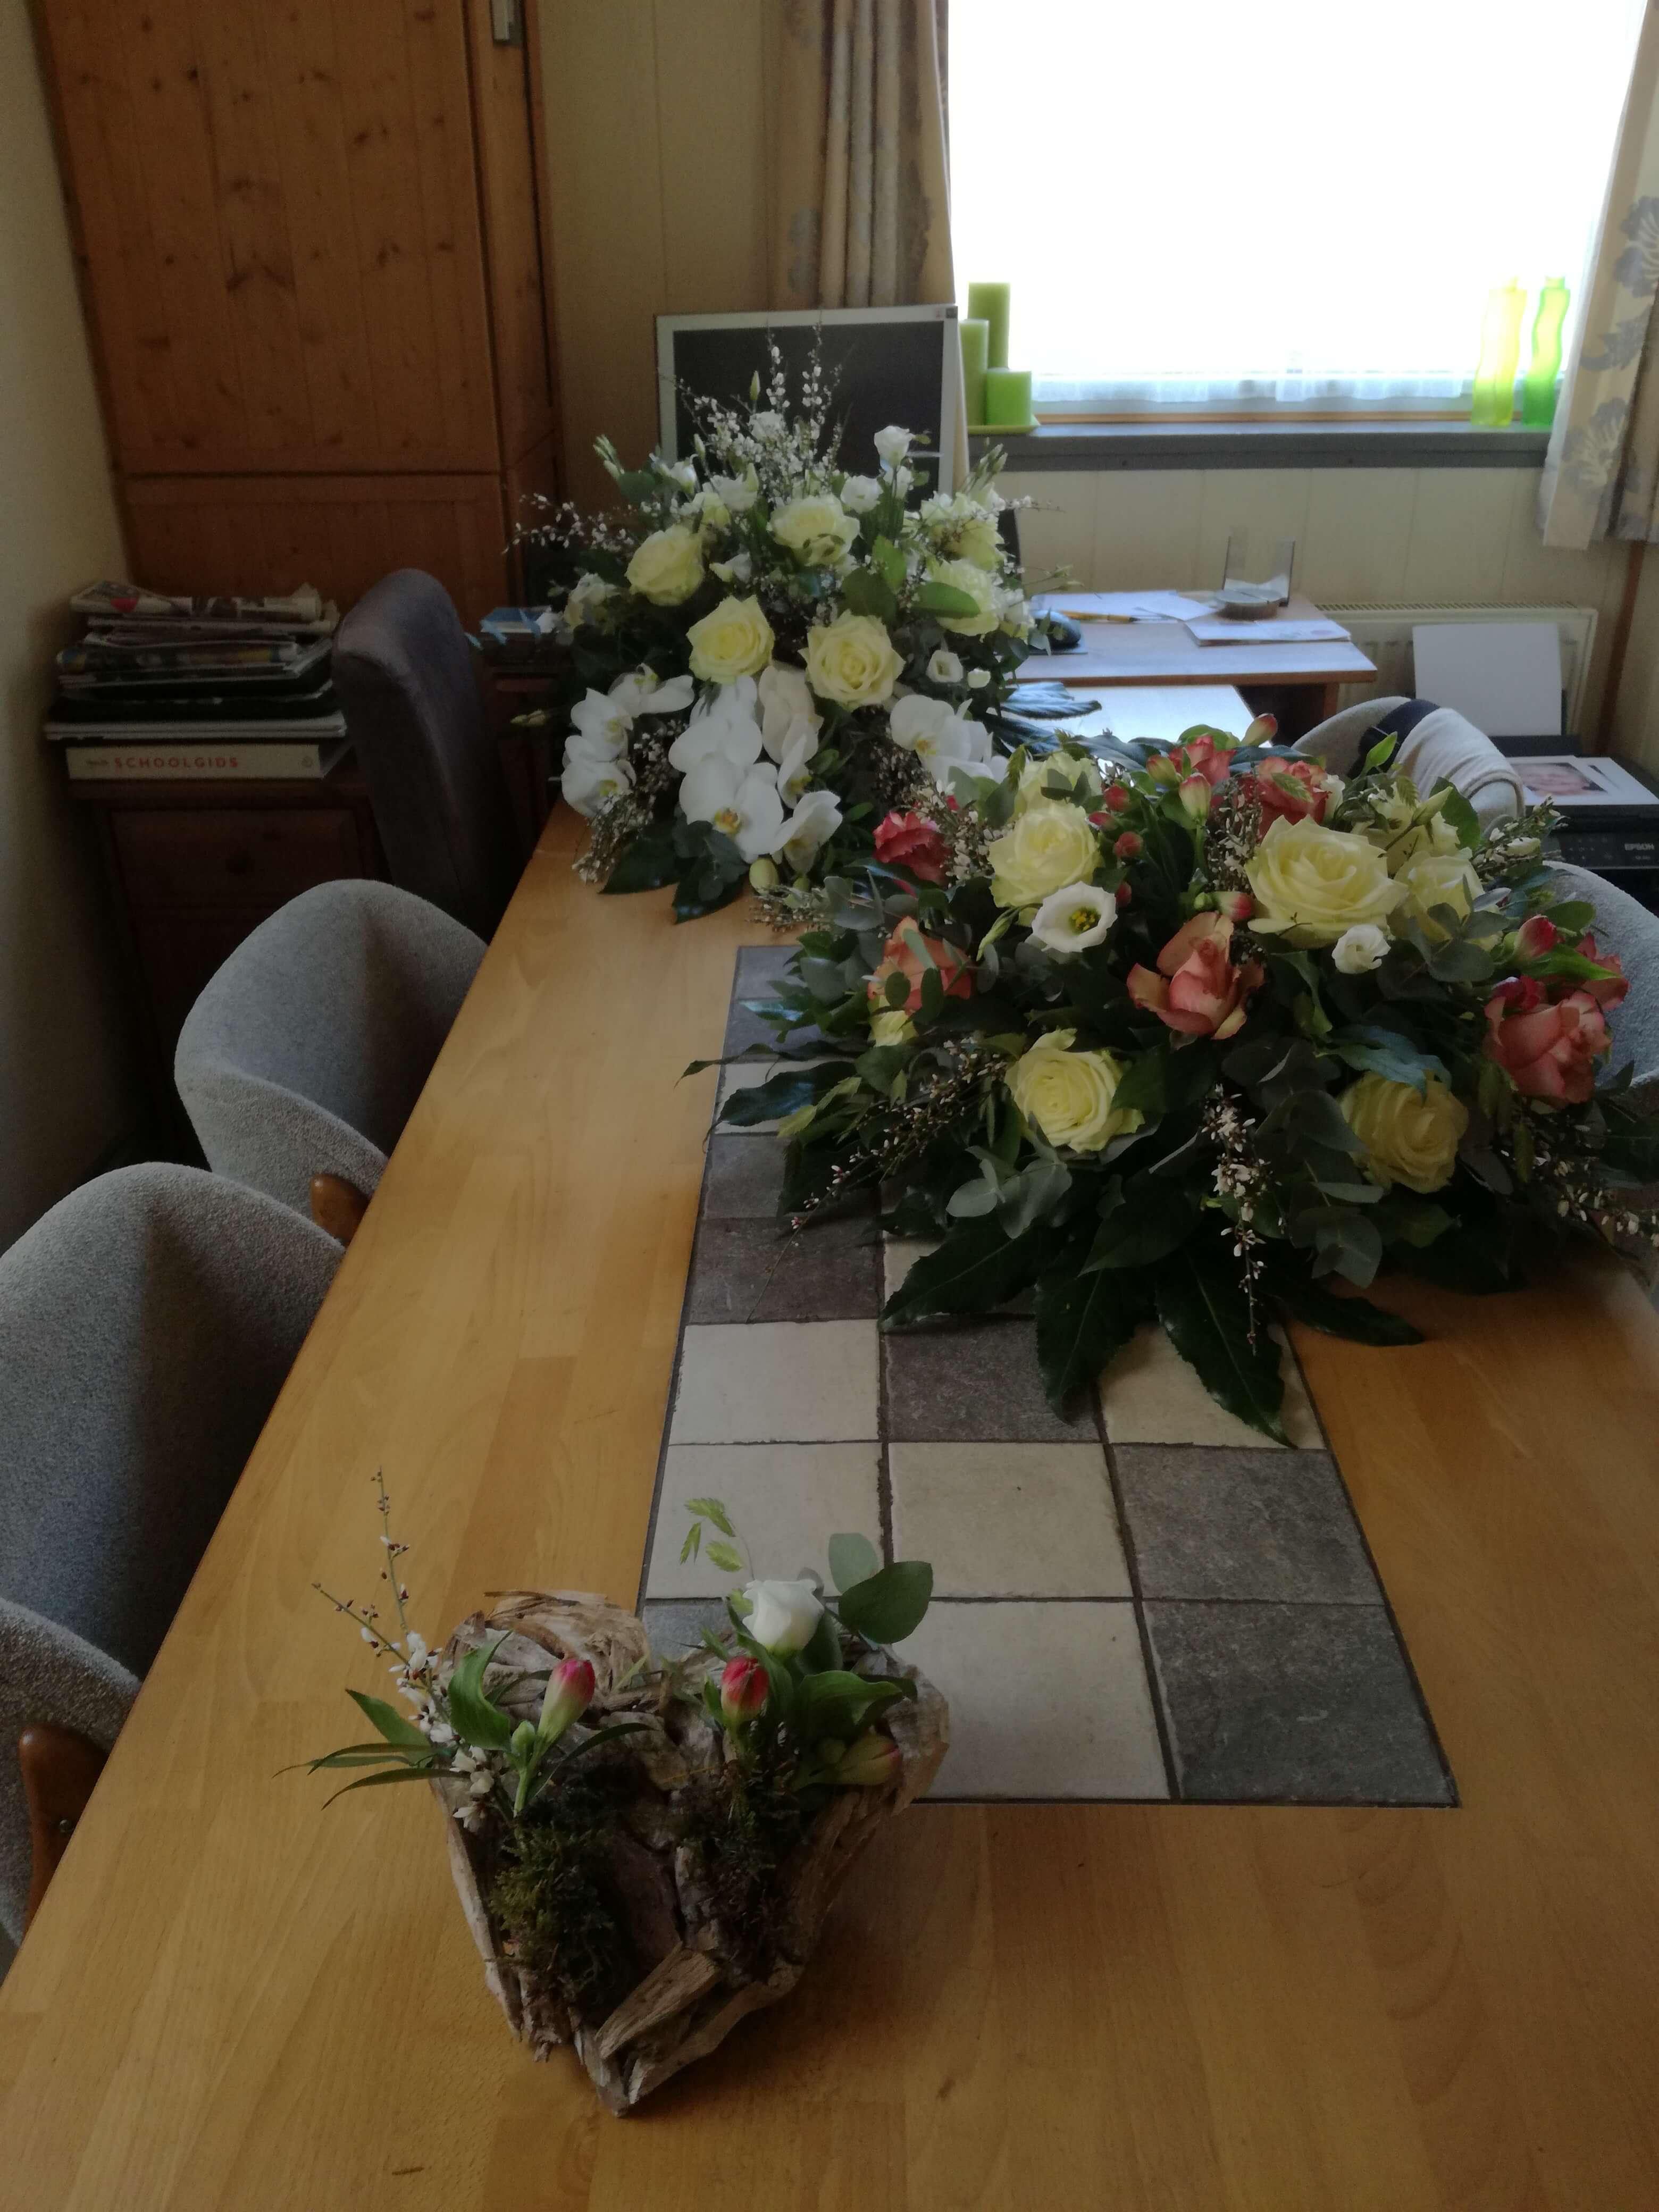 Bloemen, rouwstuk, , familie, bloemschikken, samen, bloemen, kinderen, kleinkinderen, achterkleinkinderen